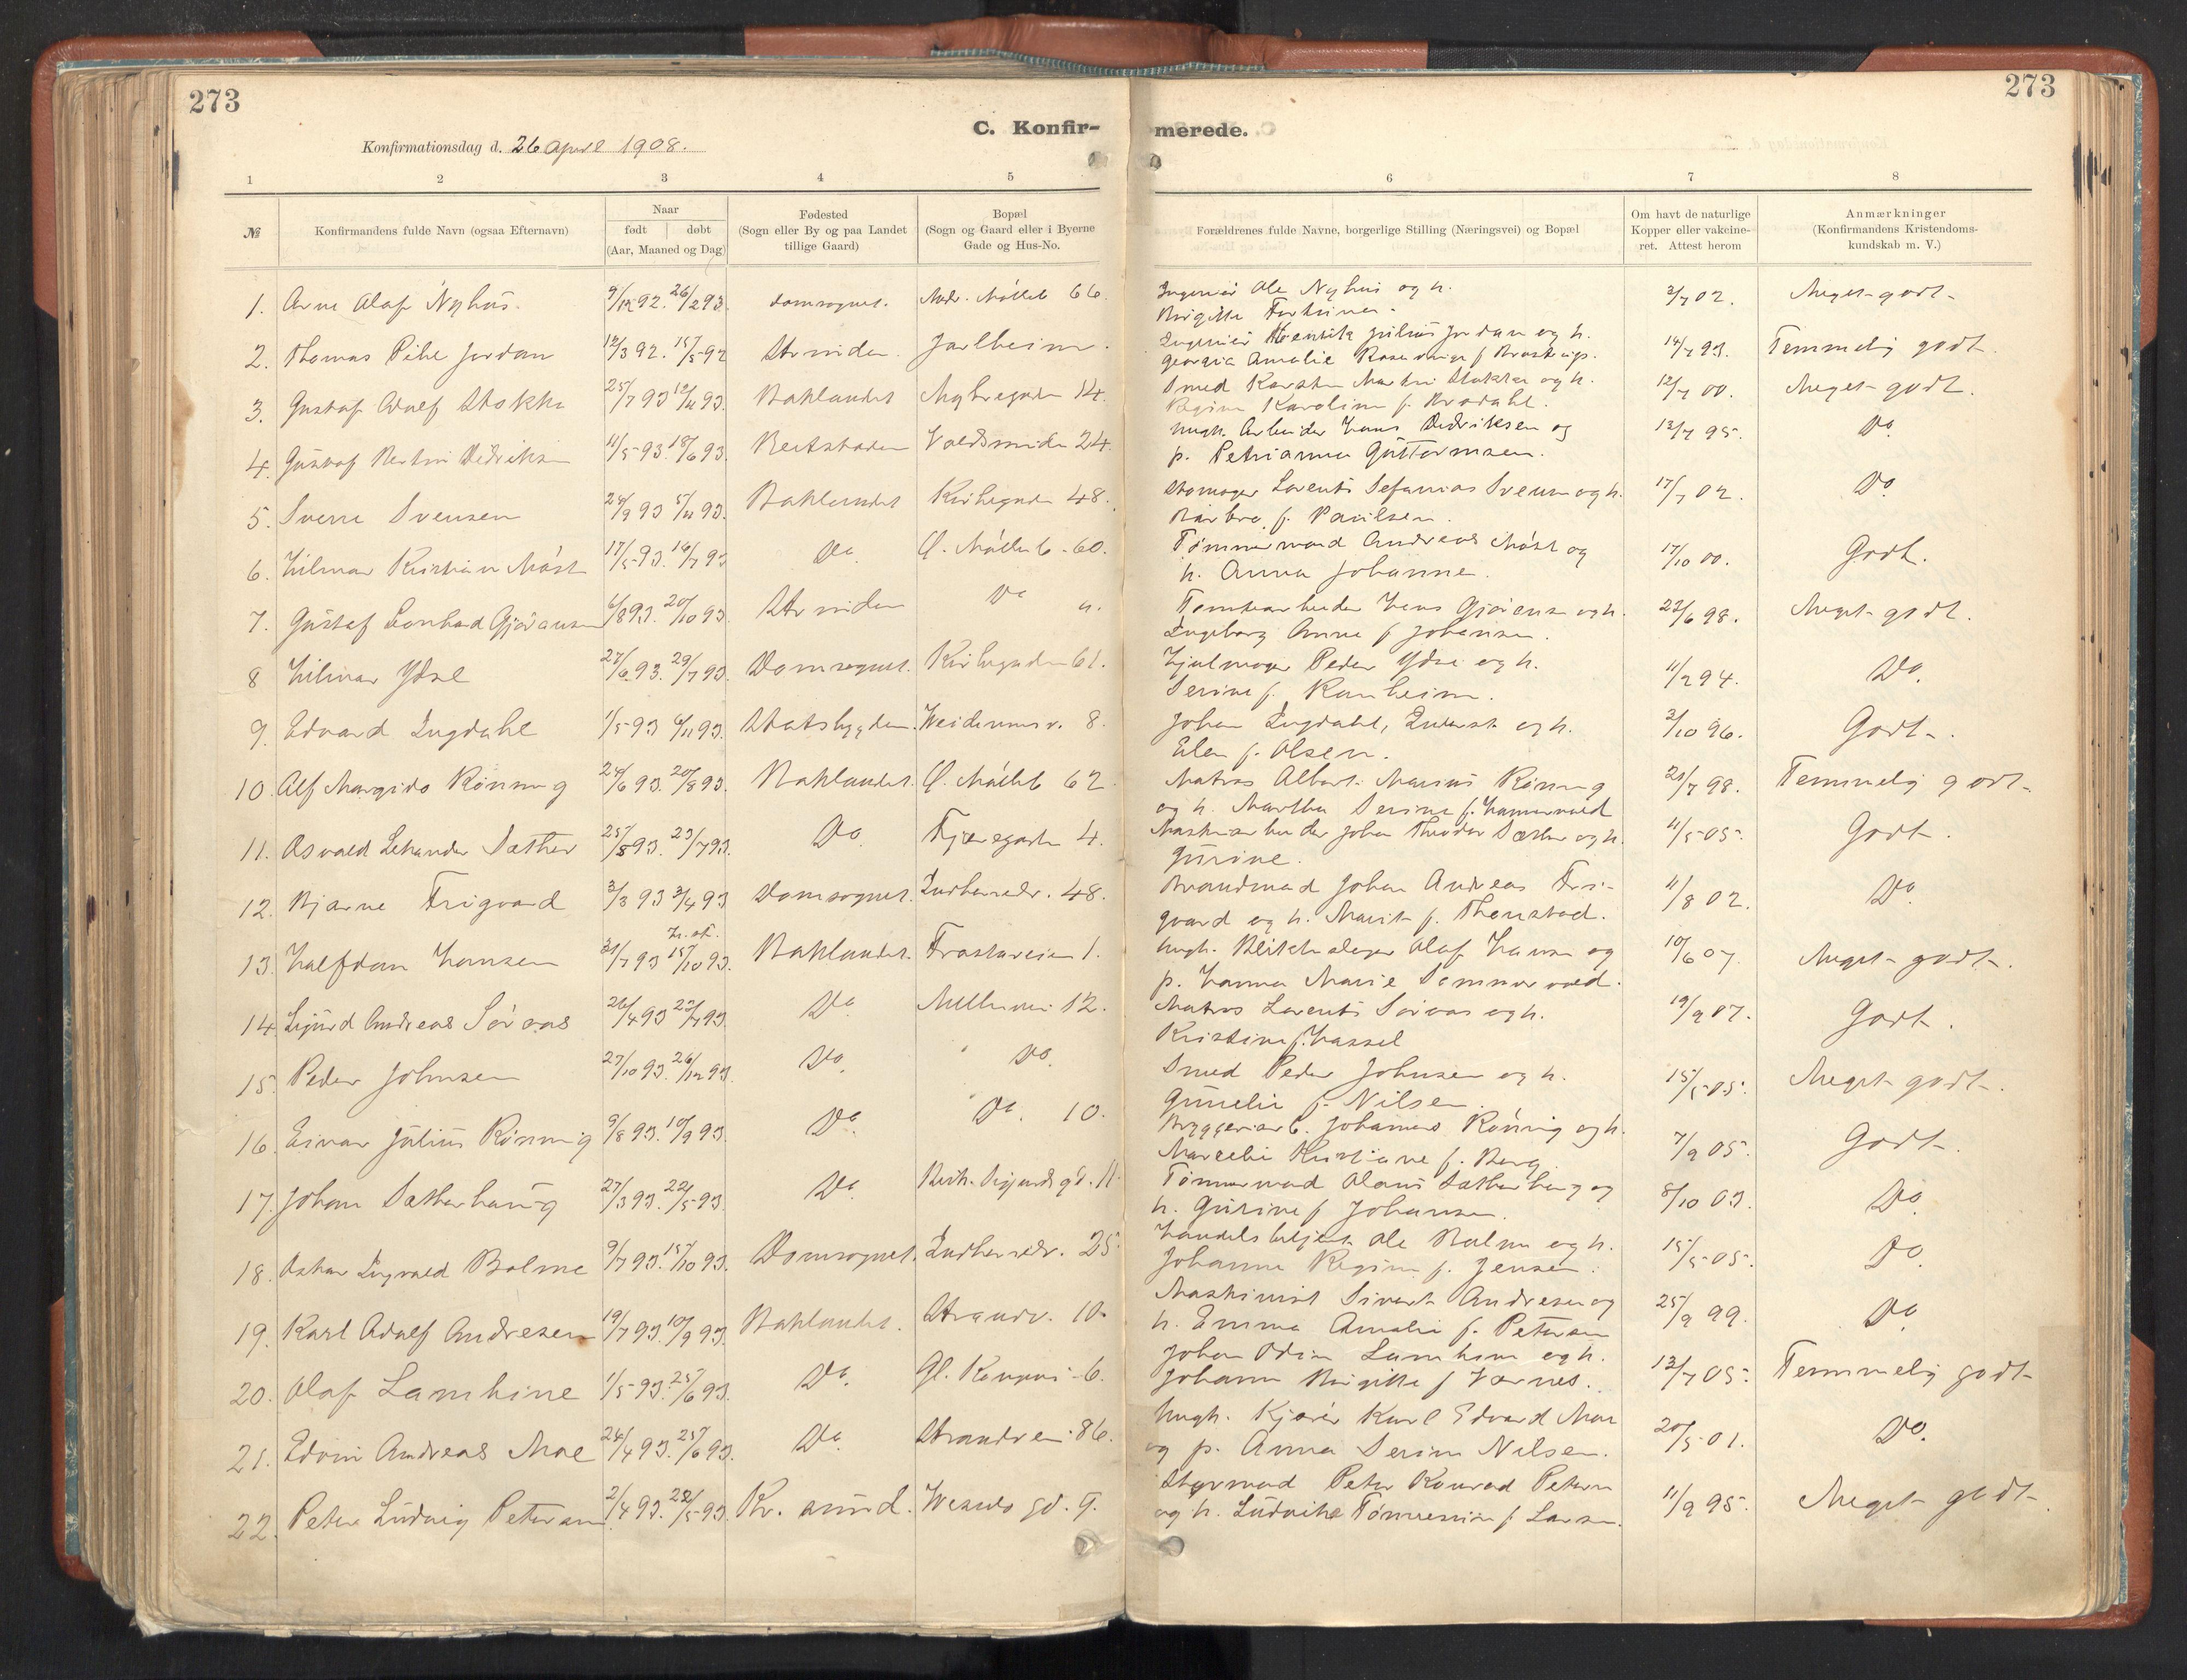 SAT, Ministerialprotokoller, klokkerbøker og fødselsregistre - Sør-Trøndelag, 605/L0243: Ministerialbok nr. 605A05, 1908-1923, s. 273